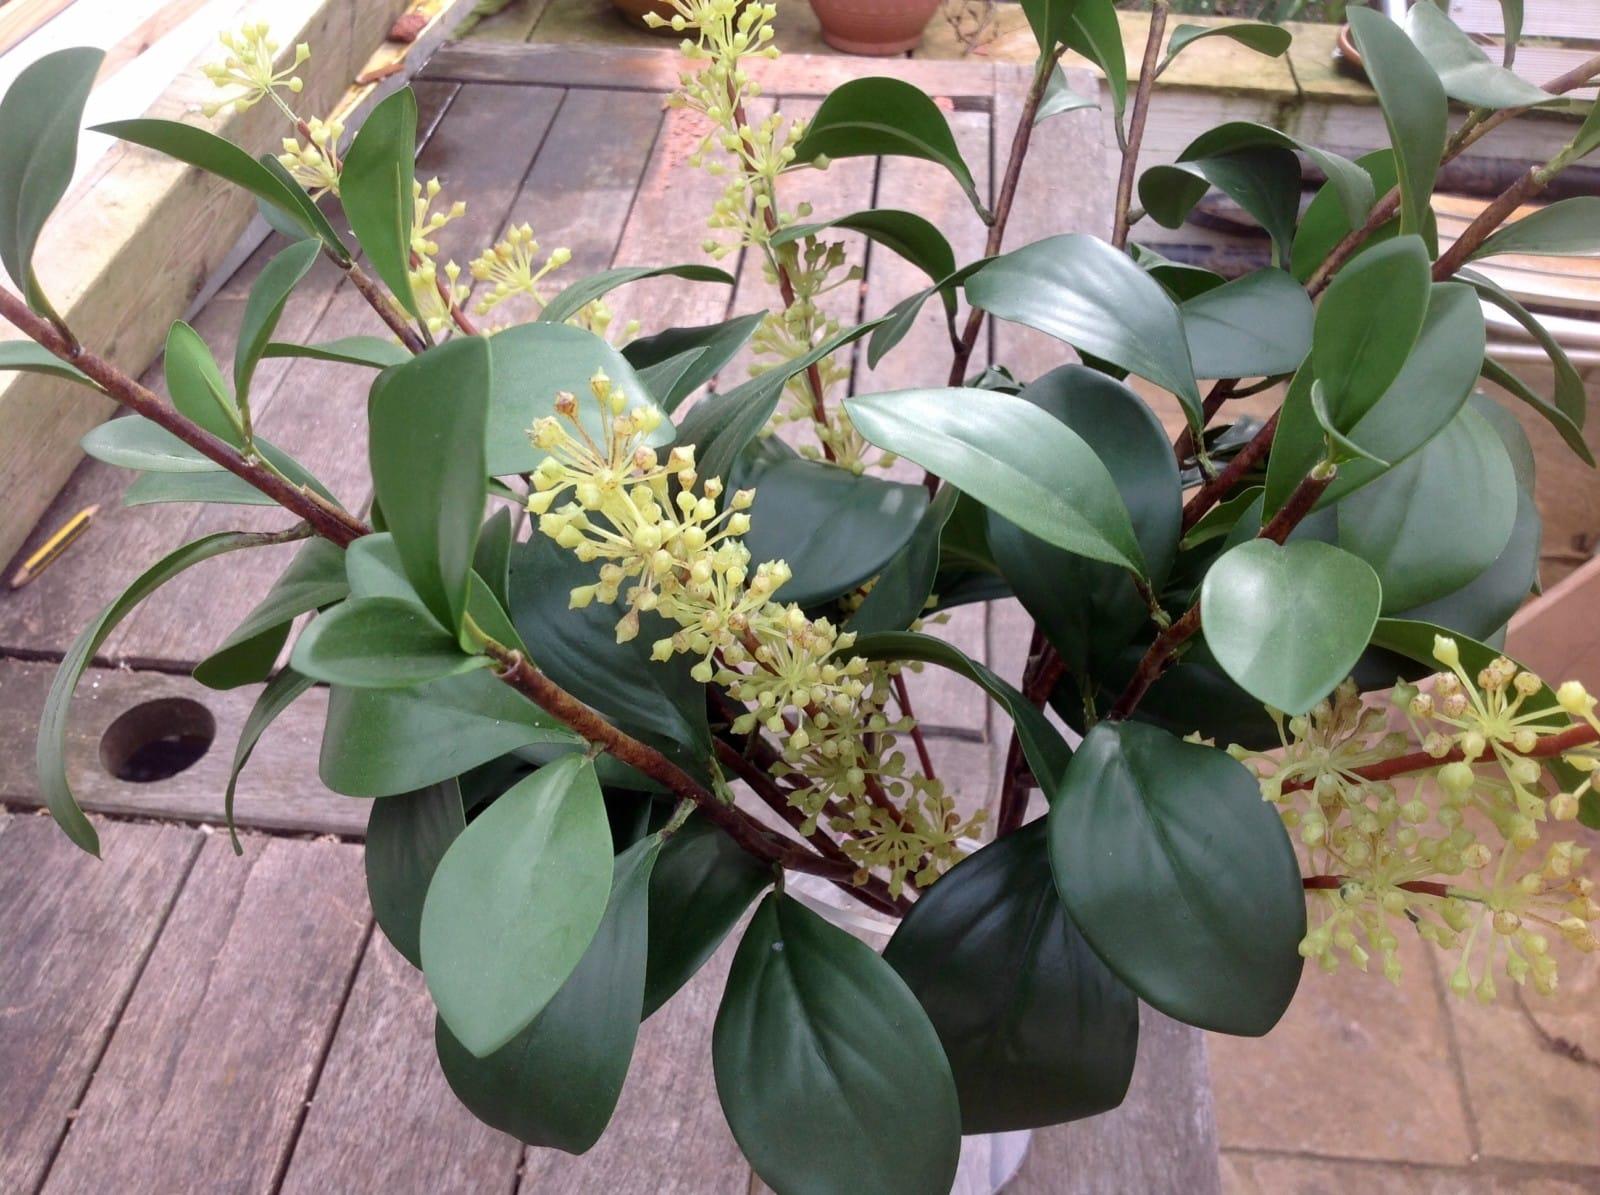 Foliage arrangement